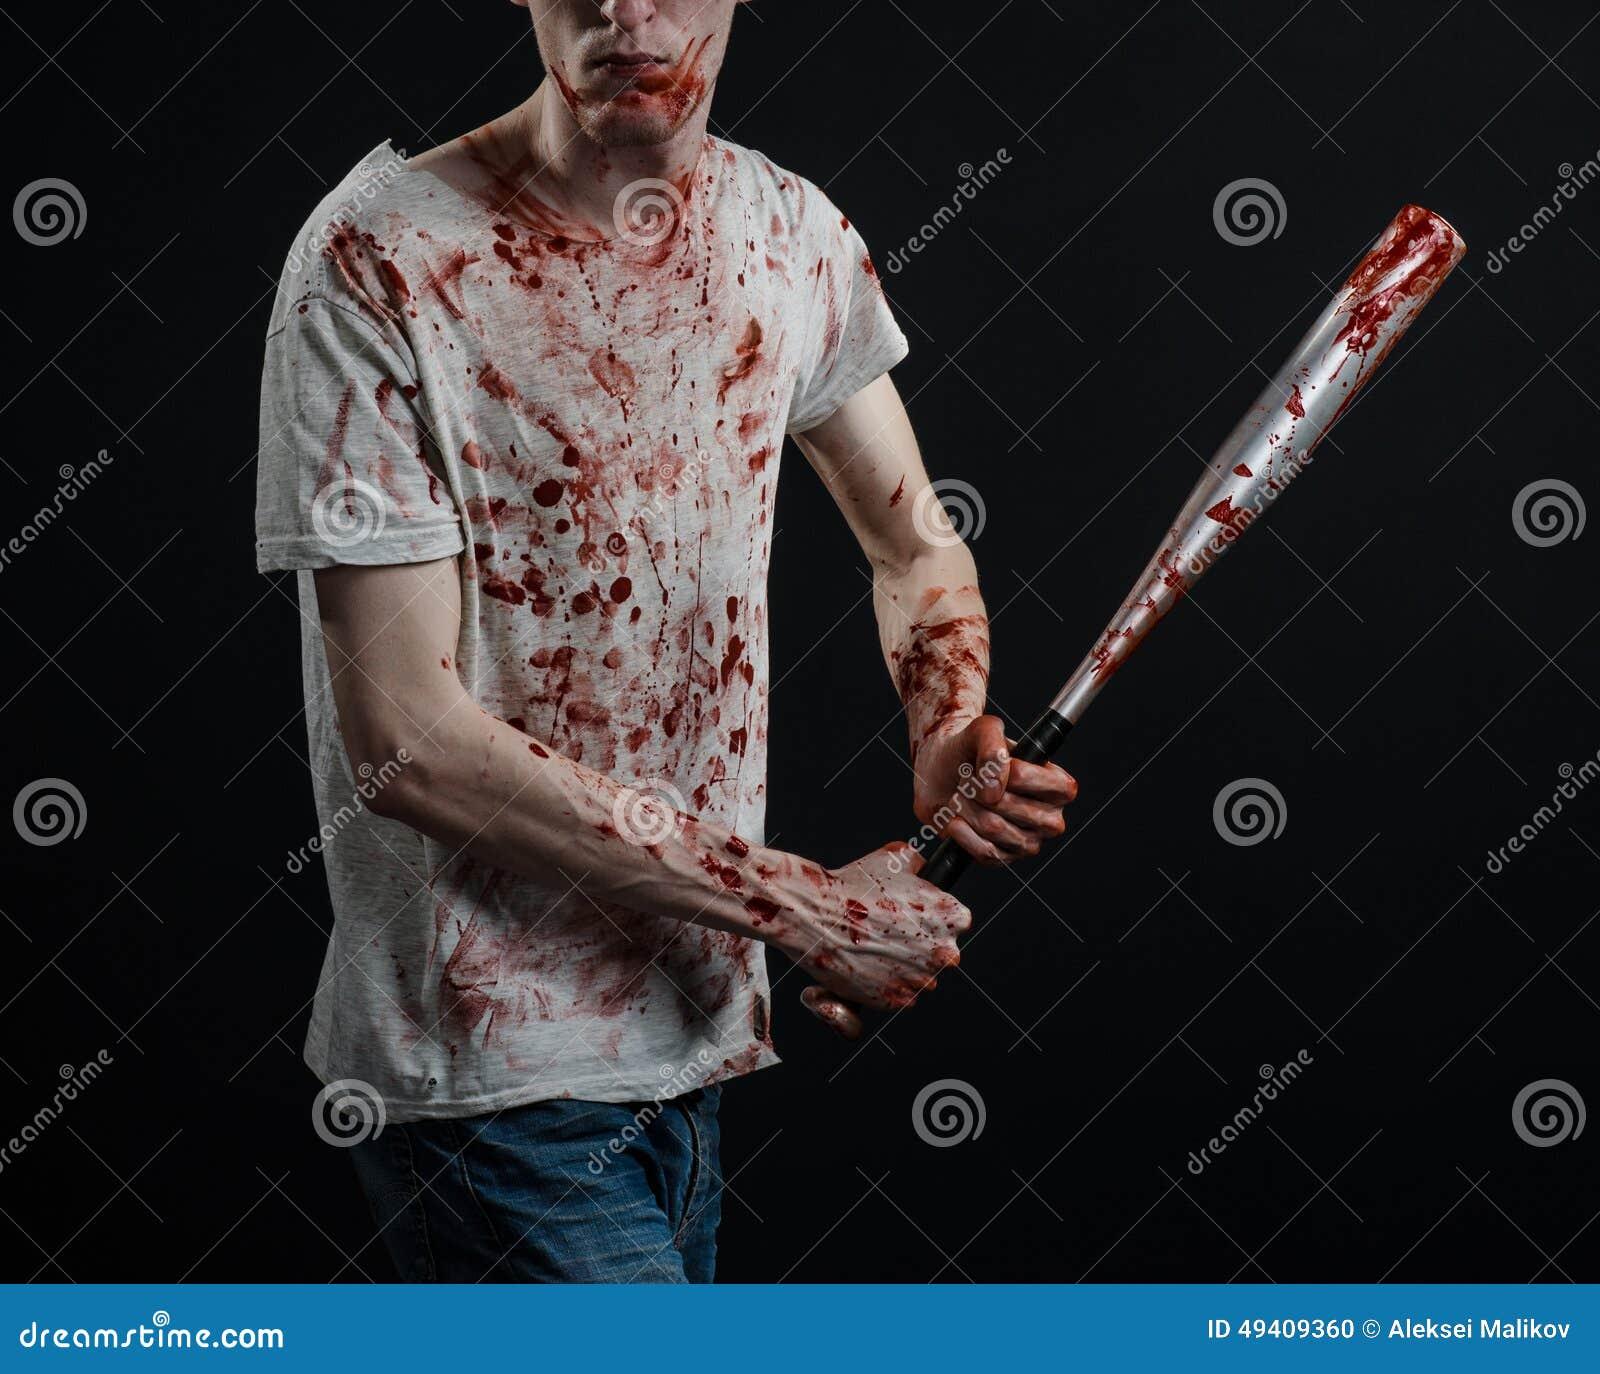 Download Blutiges Thema: Der Kerl In Einem Blutigen T-Shirt, Das Einen Blutigen Schläger Auf Einem Schwarzen Hintergrund Hält Stockfoto - Bild von blutig, mann: 49409360